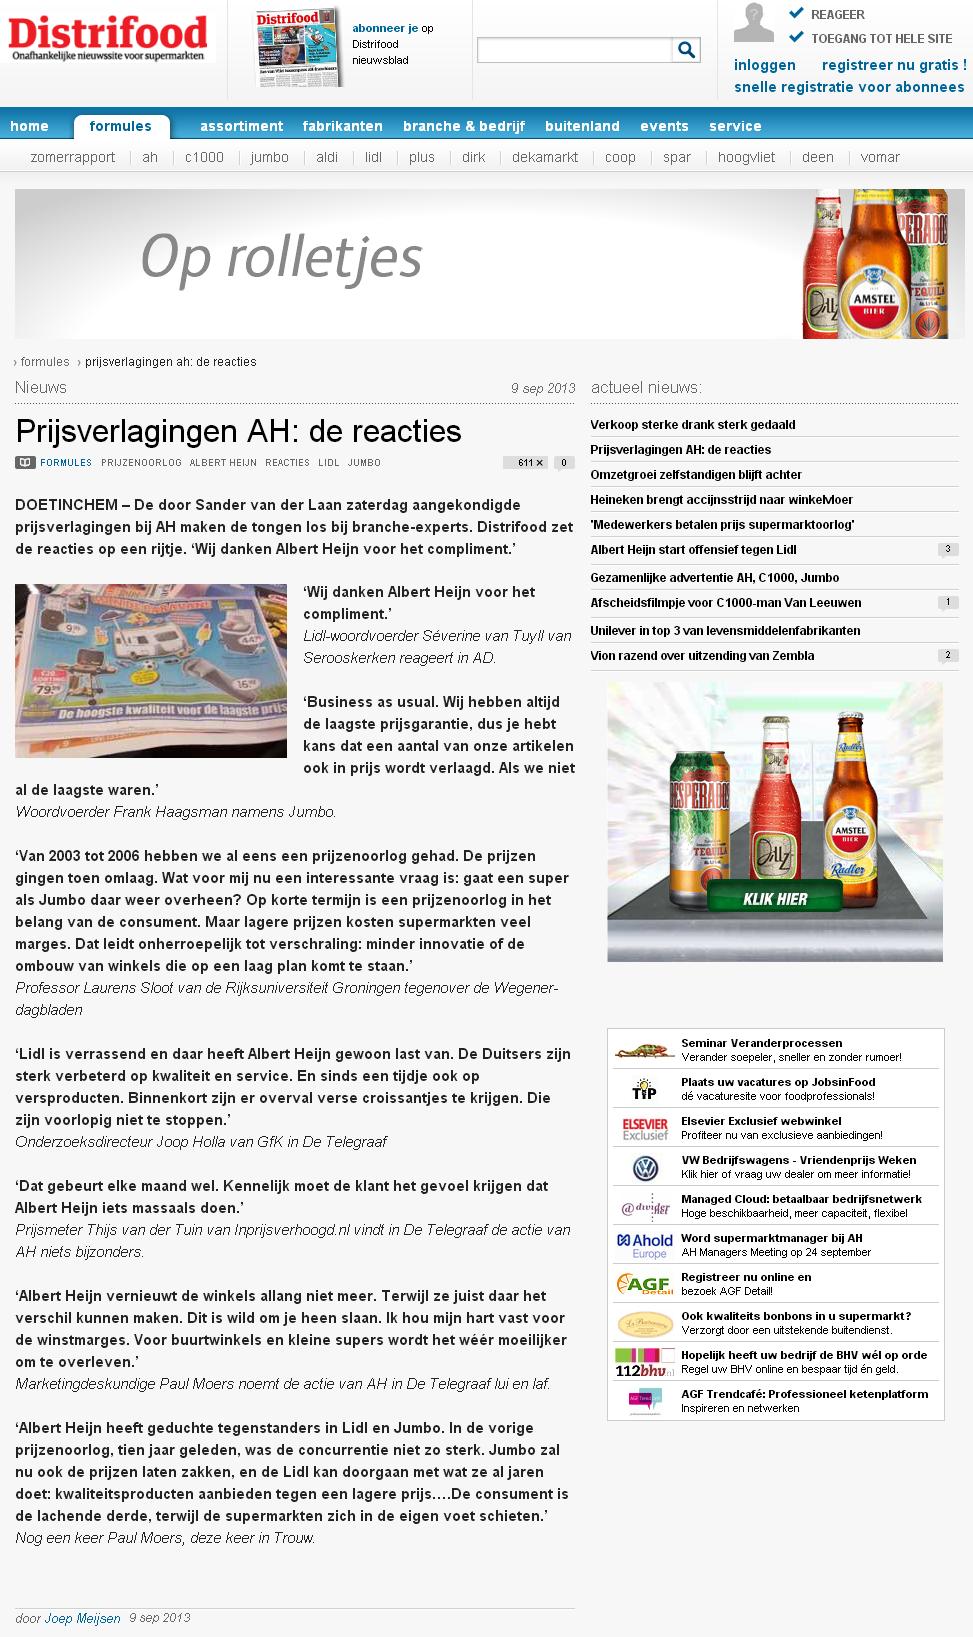 Distrifood.nl: Prijsverlagingen AH: de reacties